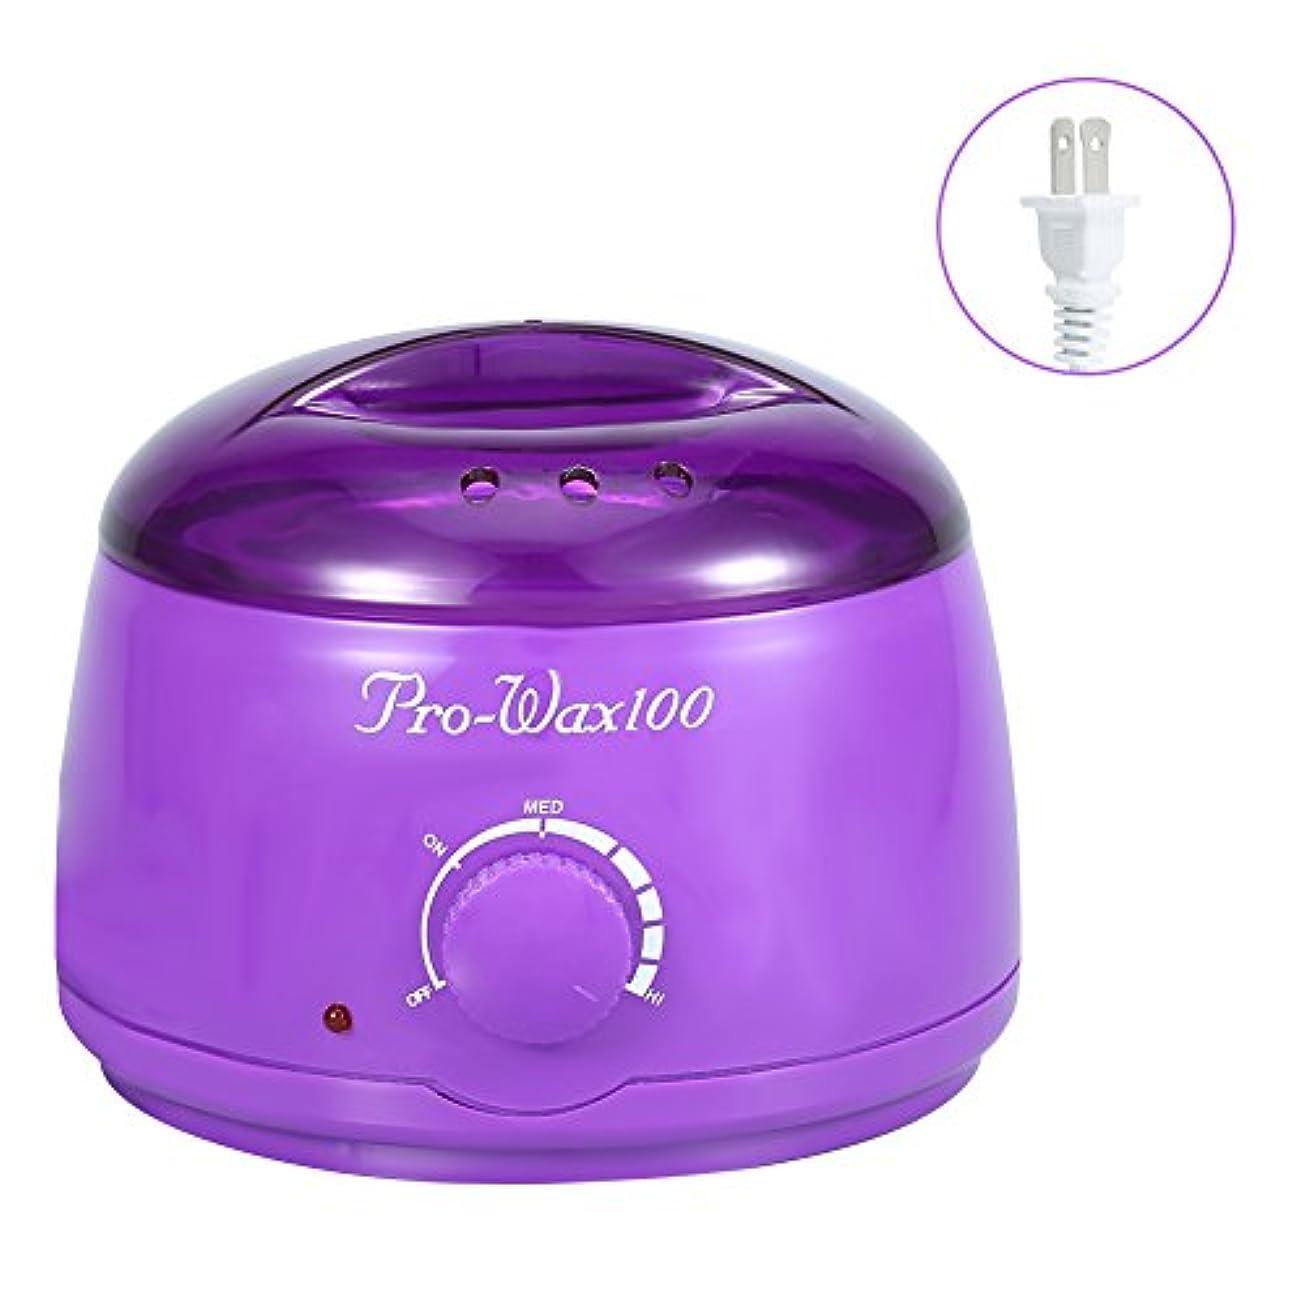 回想ブレスベーコンワックス脱毛ワックスヒーター+ 4 x 100g異なるワックス豆+ 10個ワックススティックプロフェッショナルワックス脱毛セット(紫色)